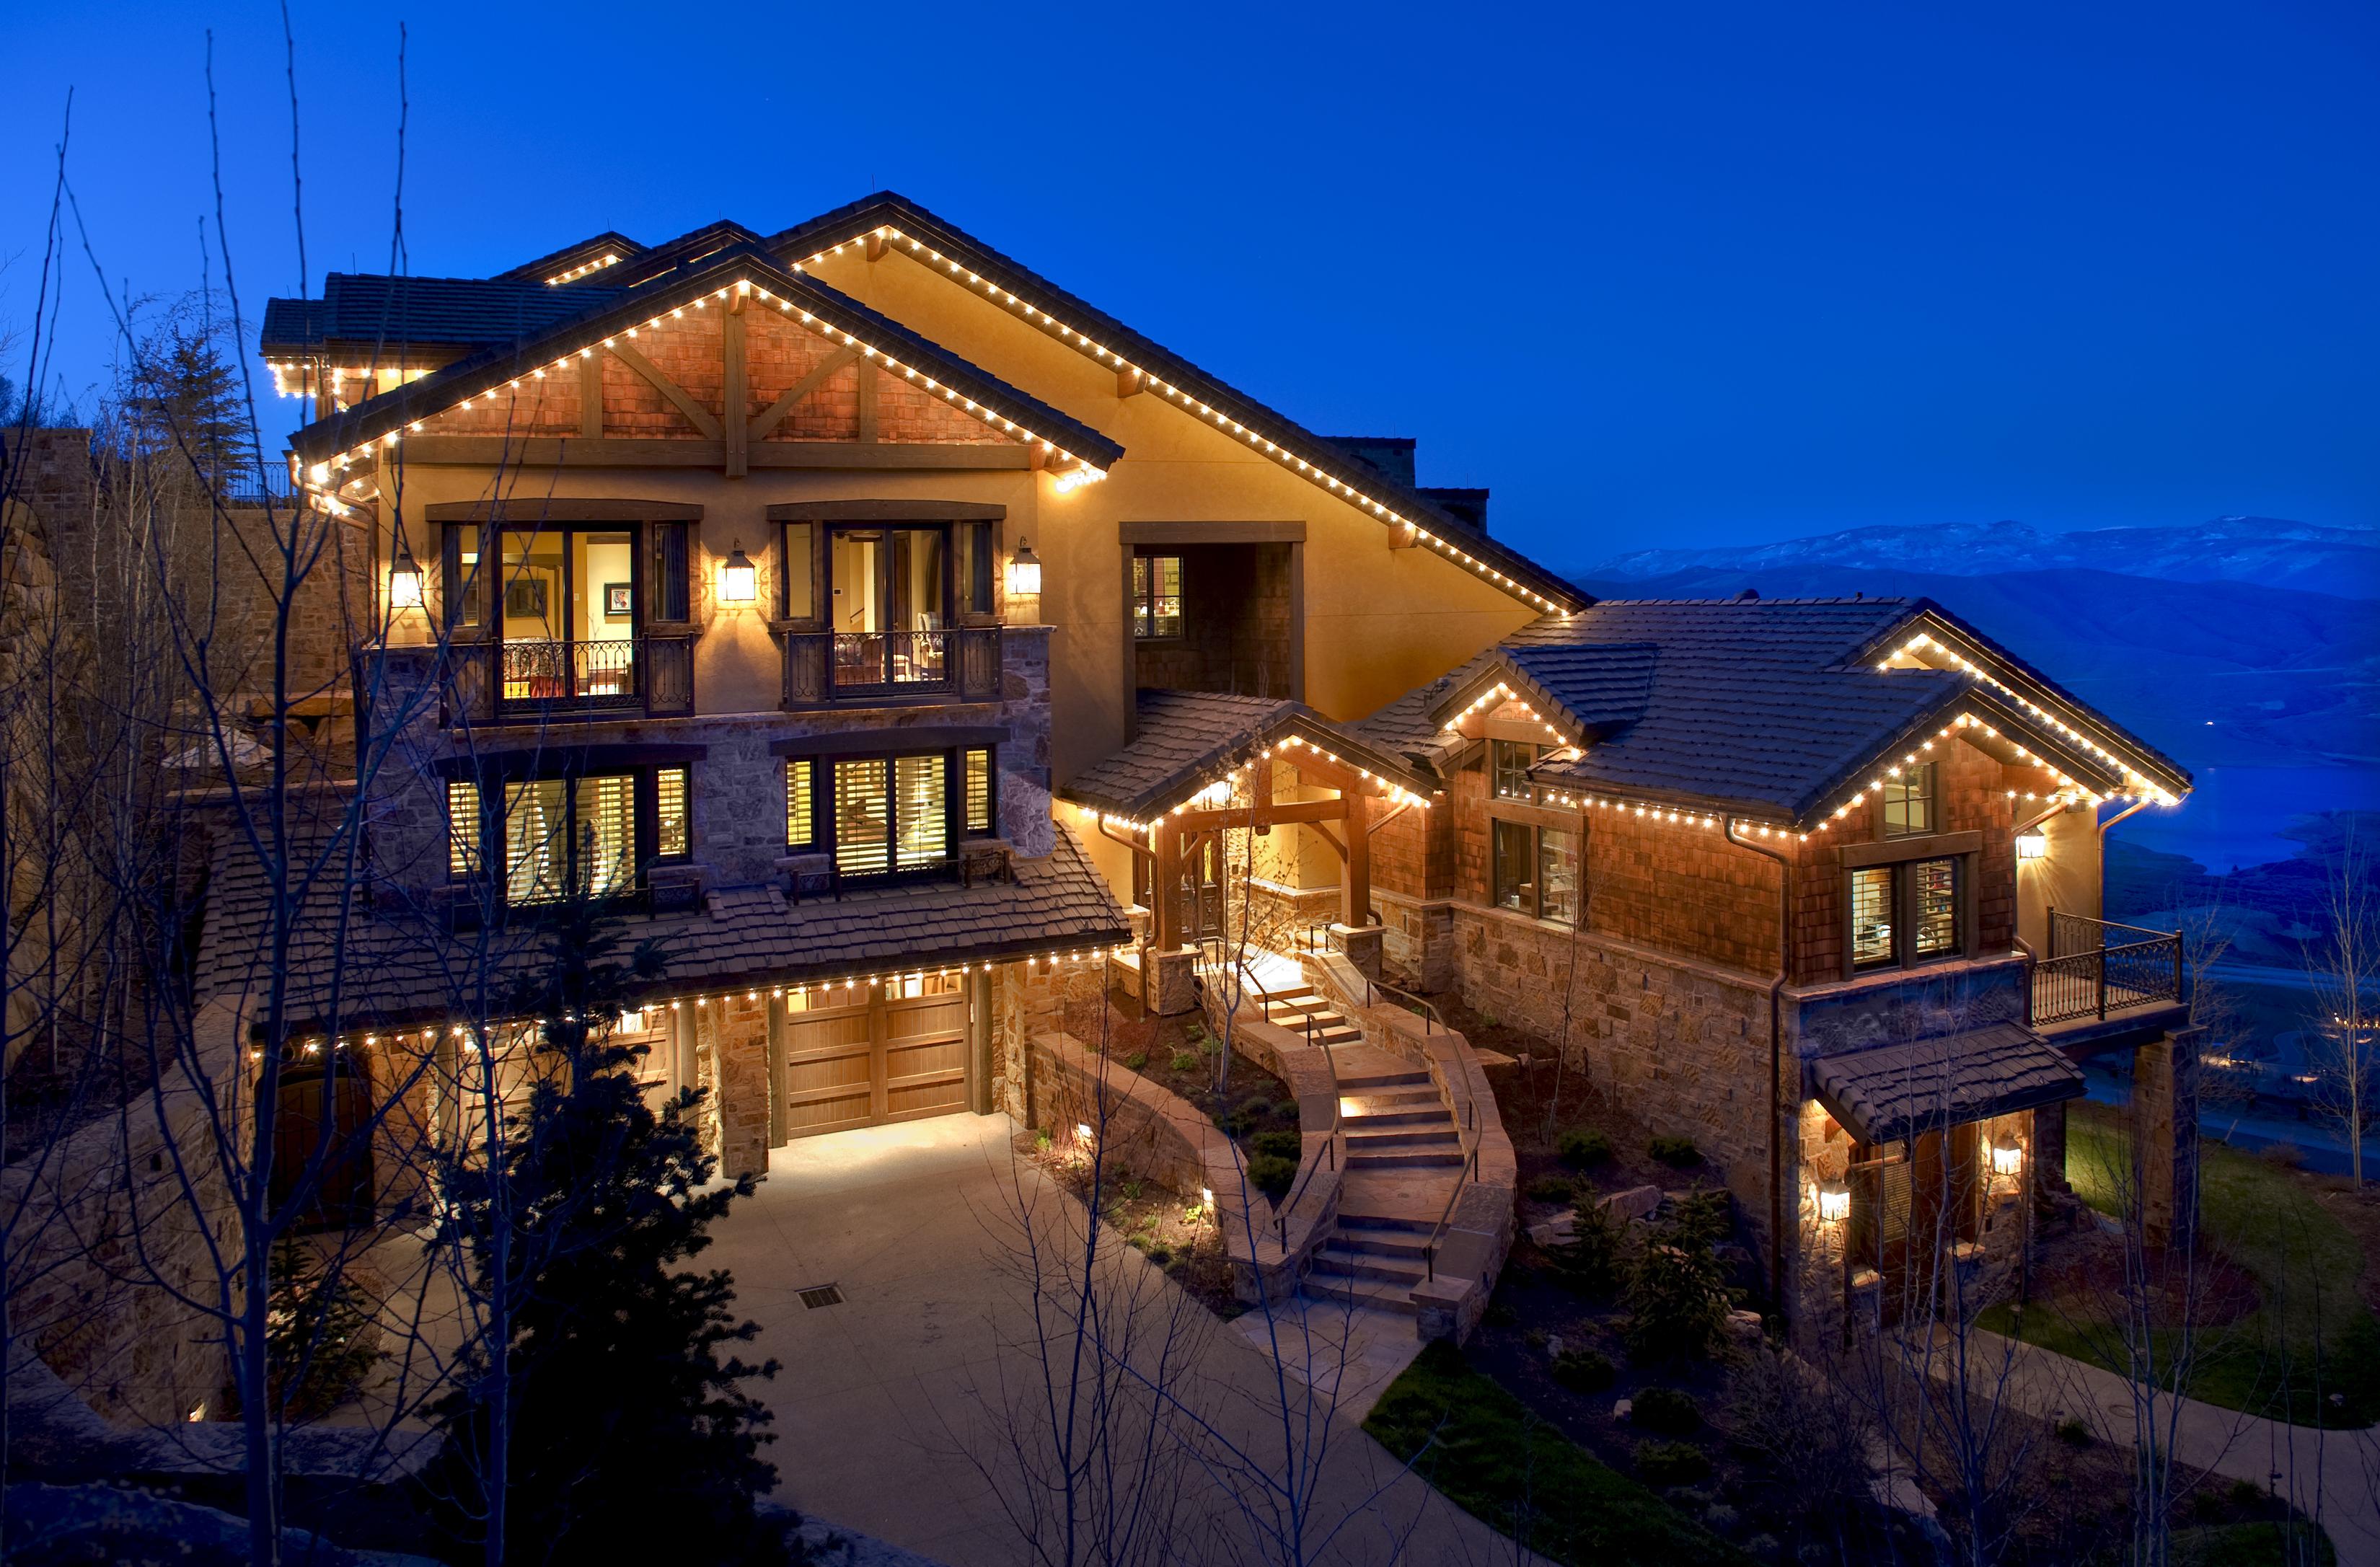 Gorgeous ski chalet created by true craftsmen